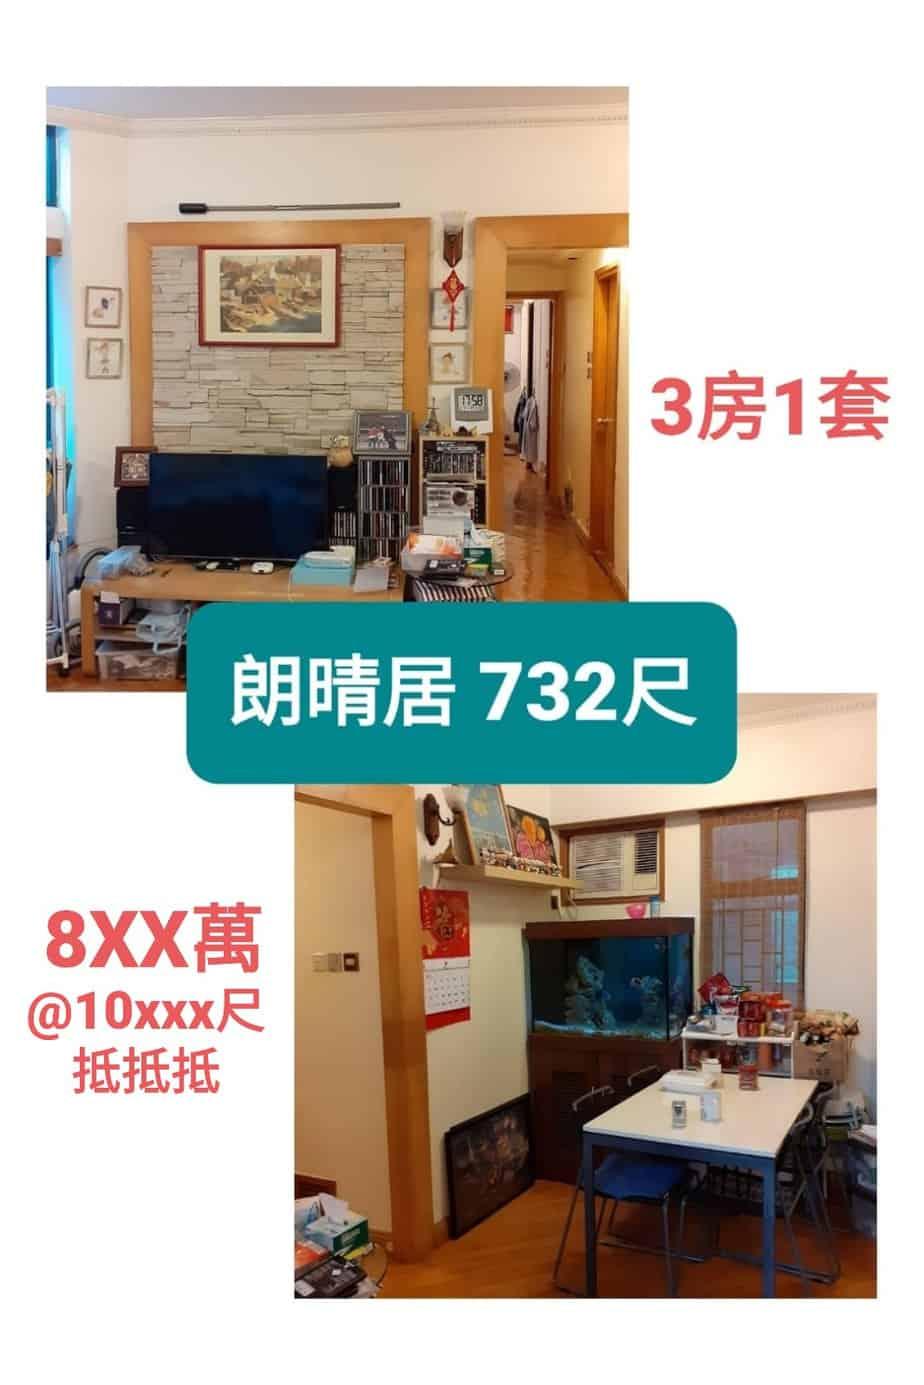 朗晴居 3房套 巨無霸 8百零萬 @10xxx尺價 超筍 7百幾尺 間隔超級實用